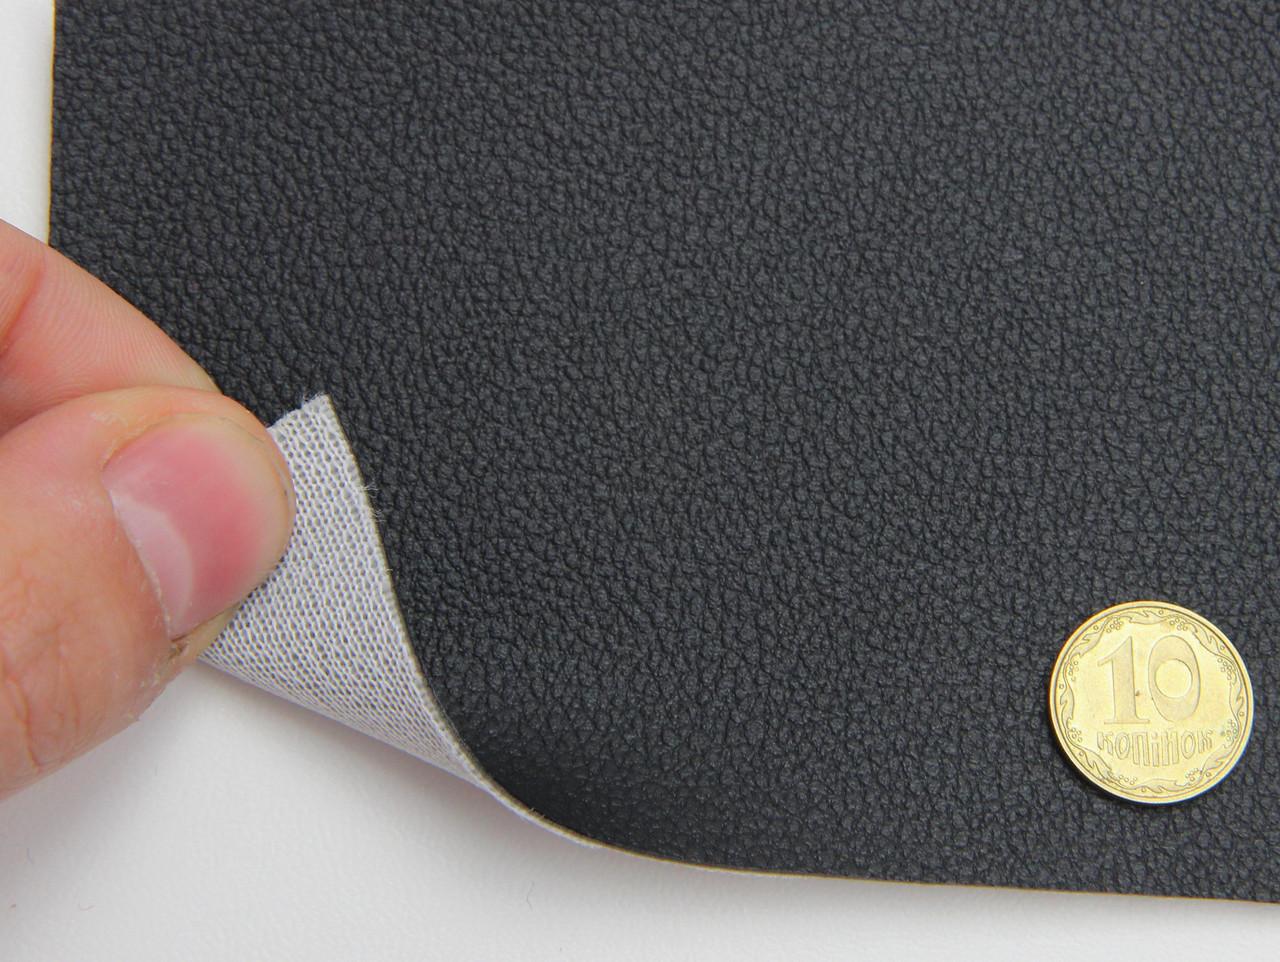 Шкірзамінник чорний для сидінь авто (текстурний напівматовий 09-114) на тканинній основі, ширина 1.60м